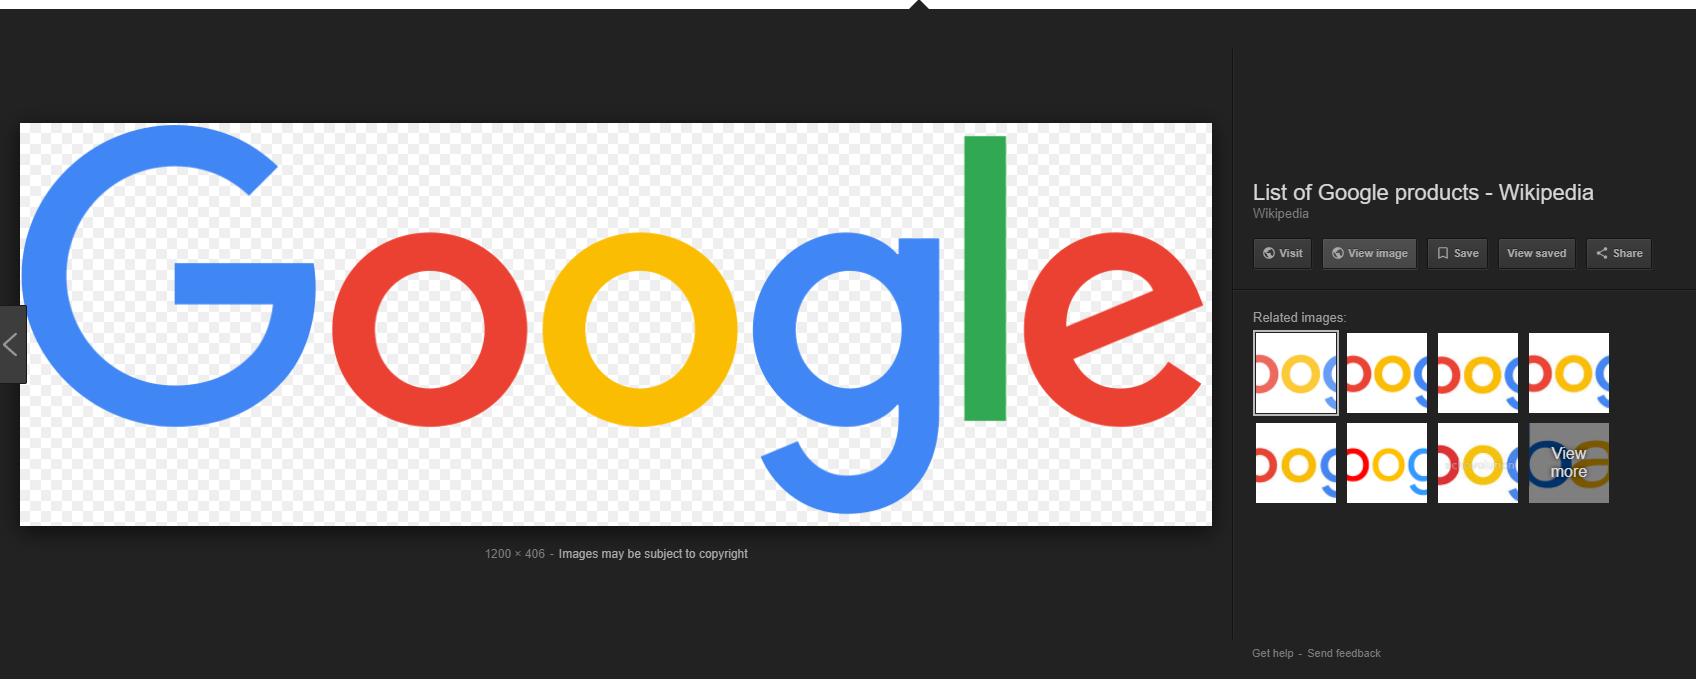 Google ne permet plus le téléchargement d'image depuis sa plateforme d'image